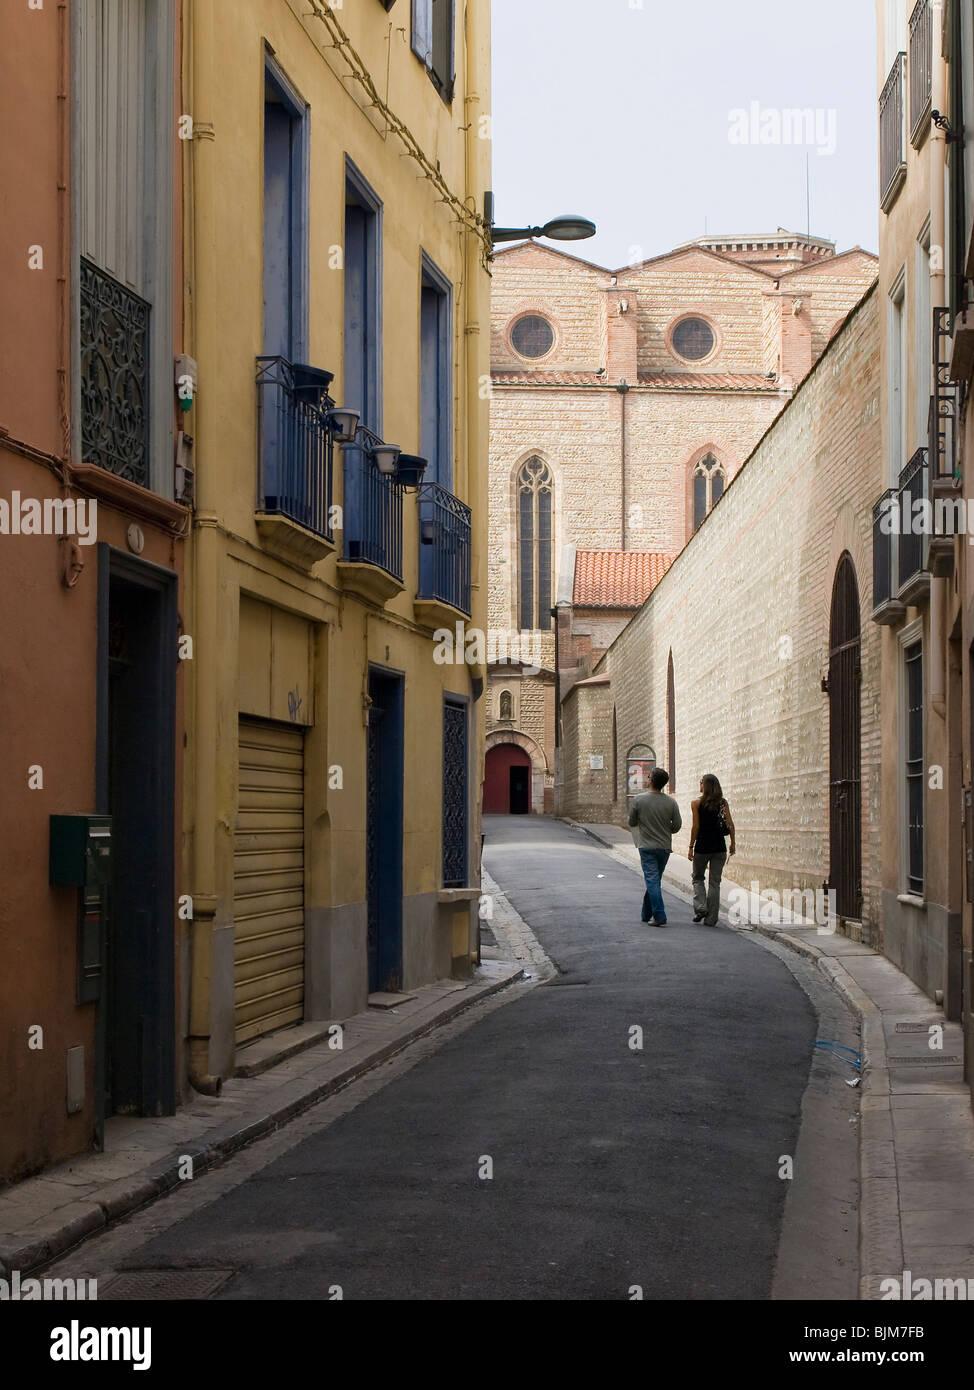 Street view en perpignan visa pour l'image Photo Stock